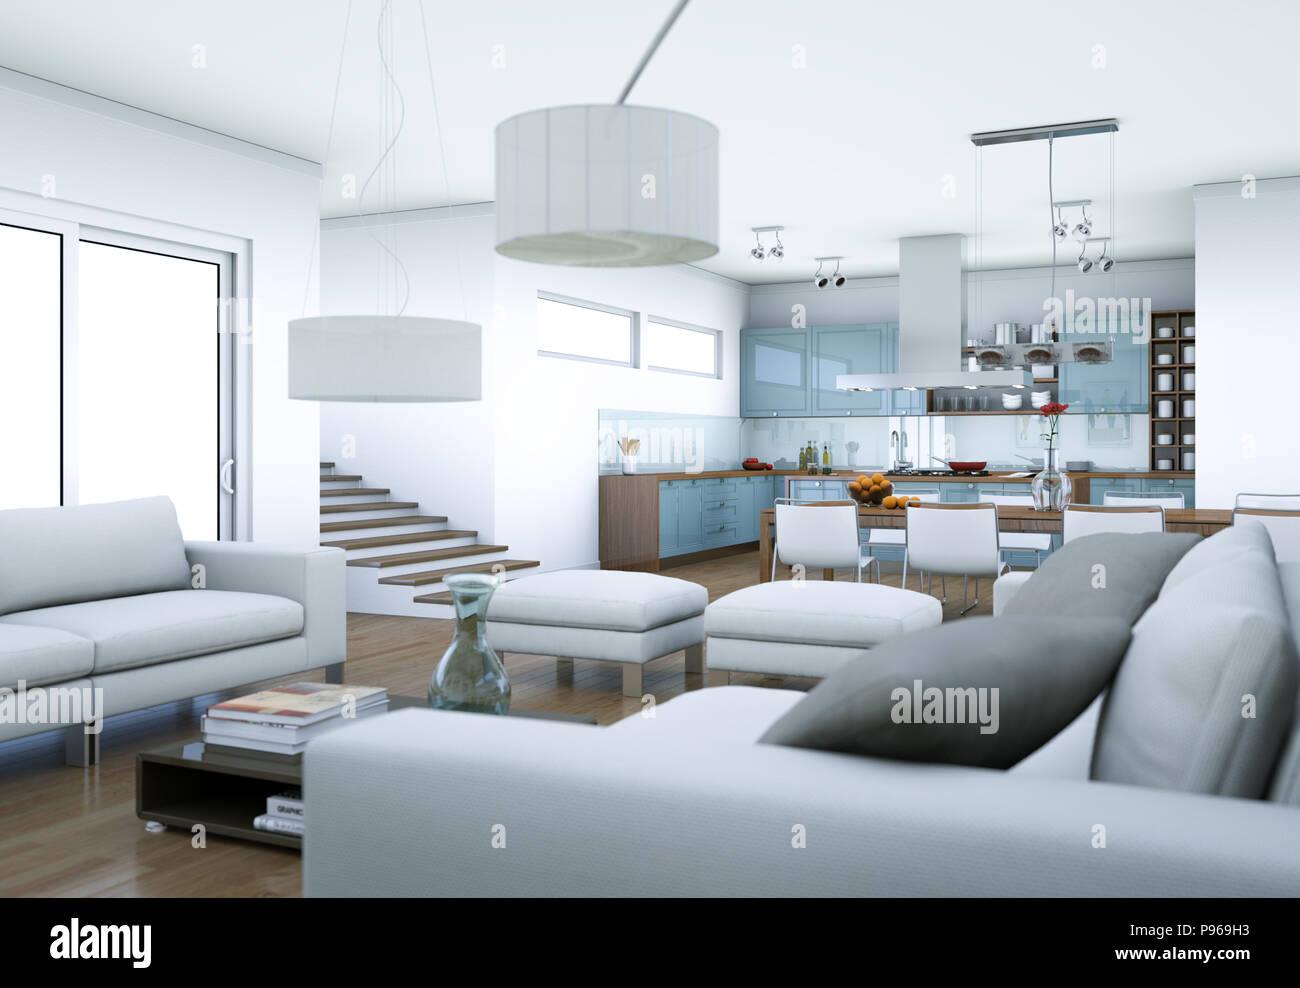 Gewaltig Weißes Wohnzimmer Referenz Von Modernes Weißes Interior Design